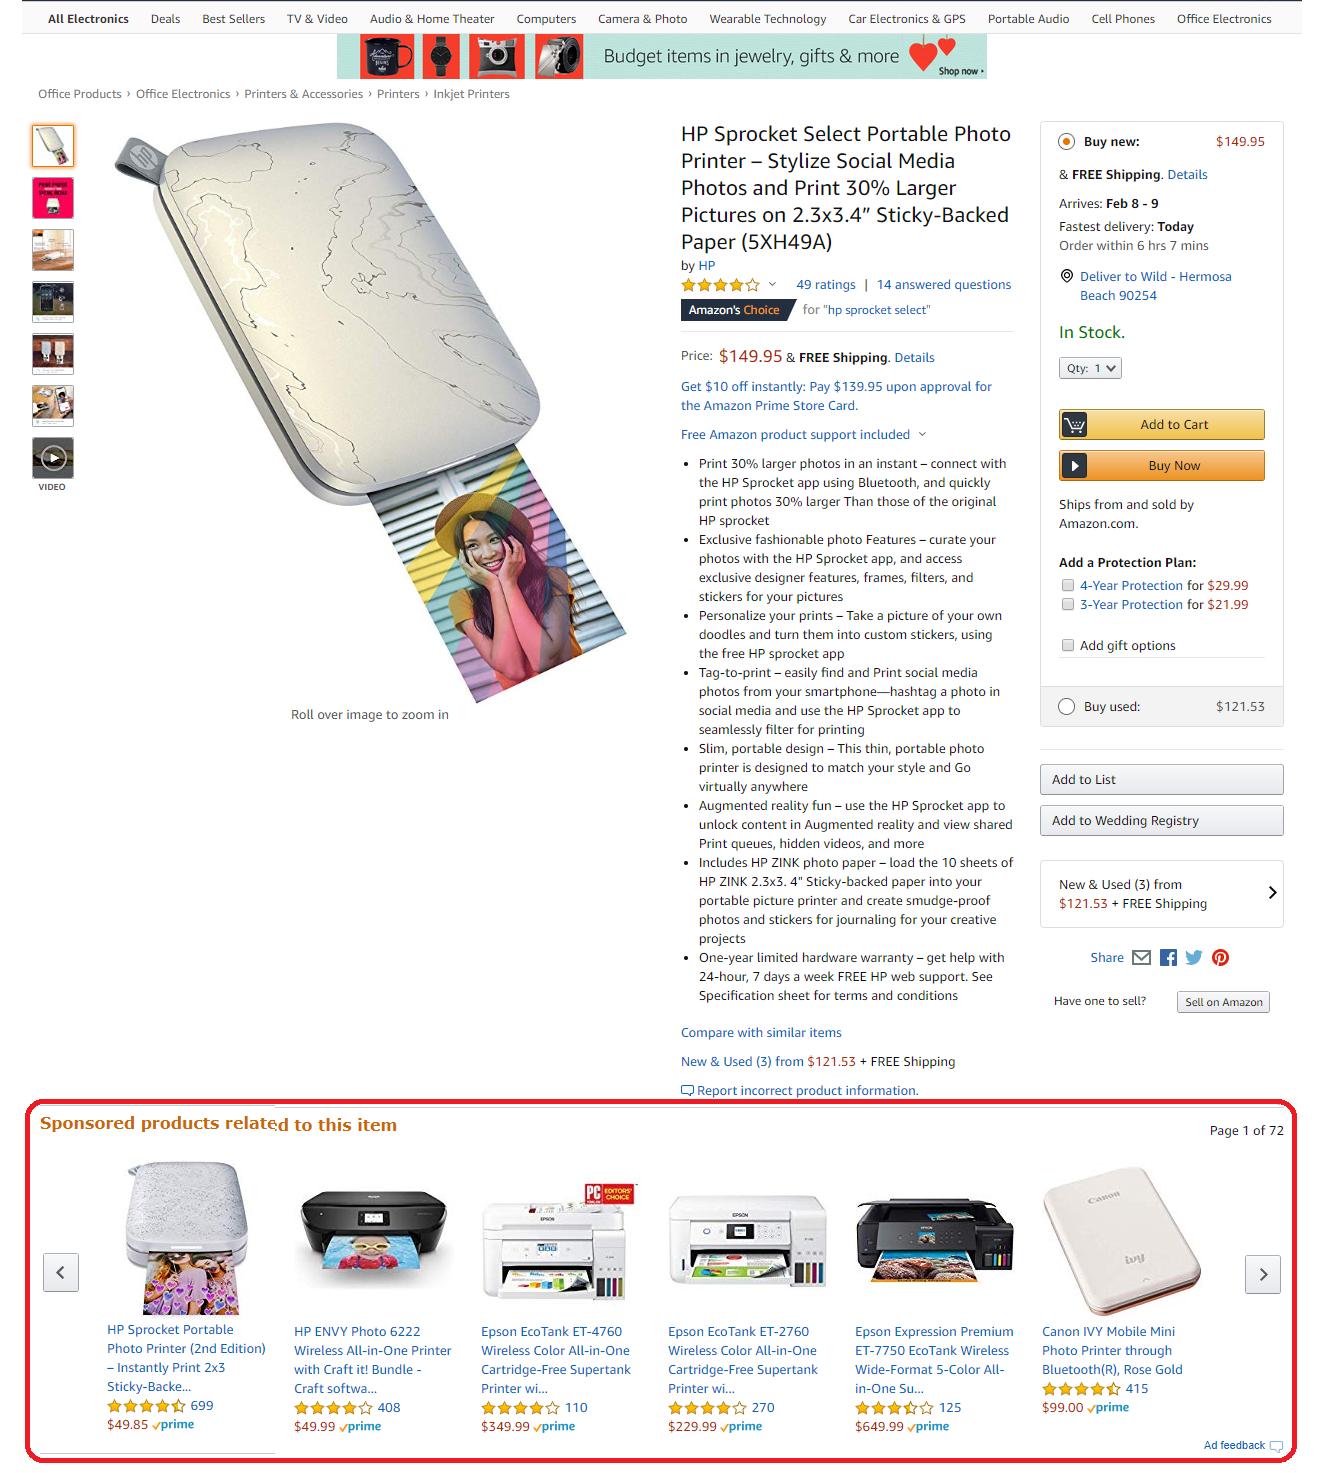 Amazon Product Display